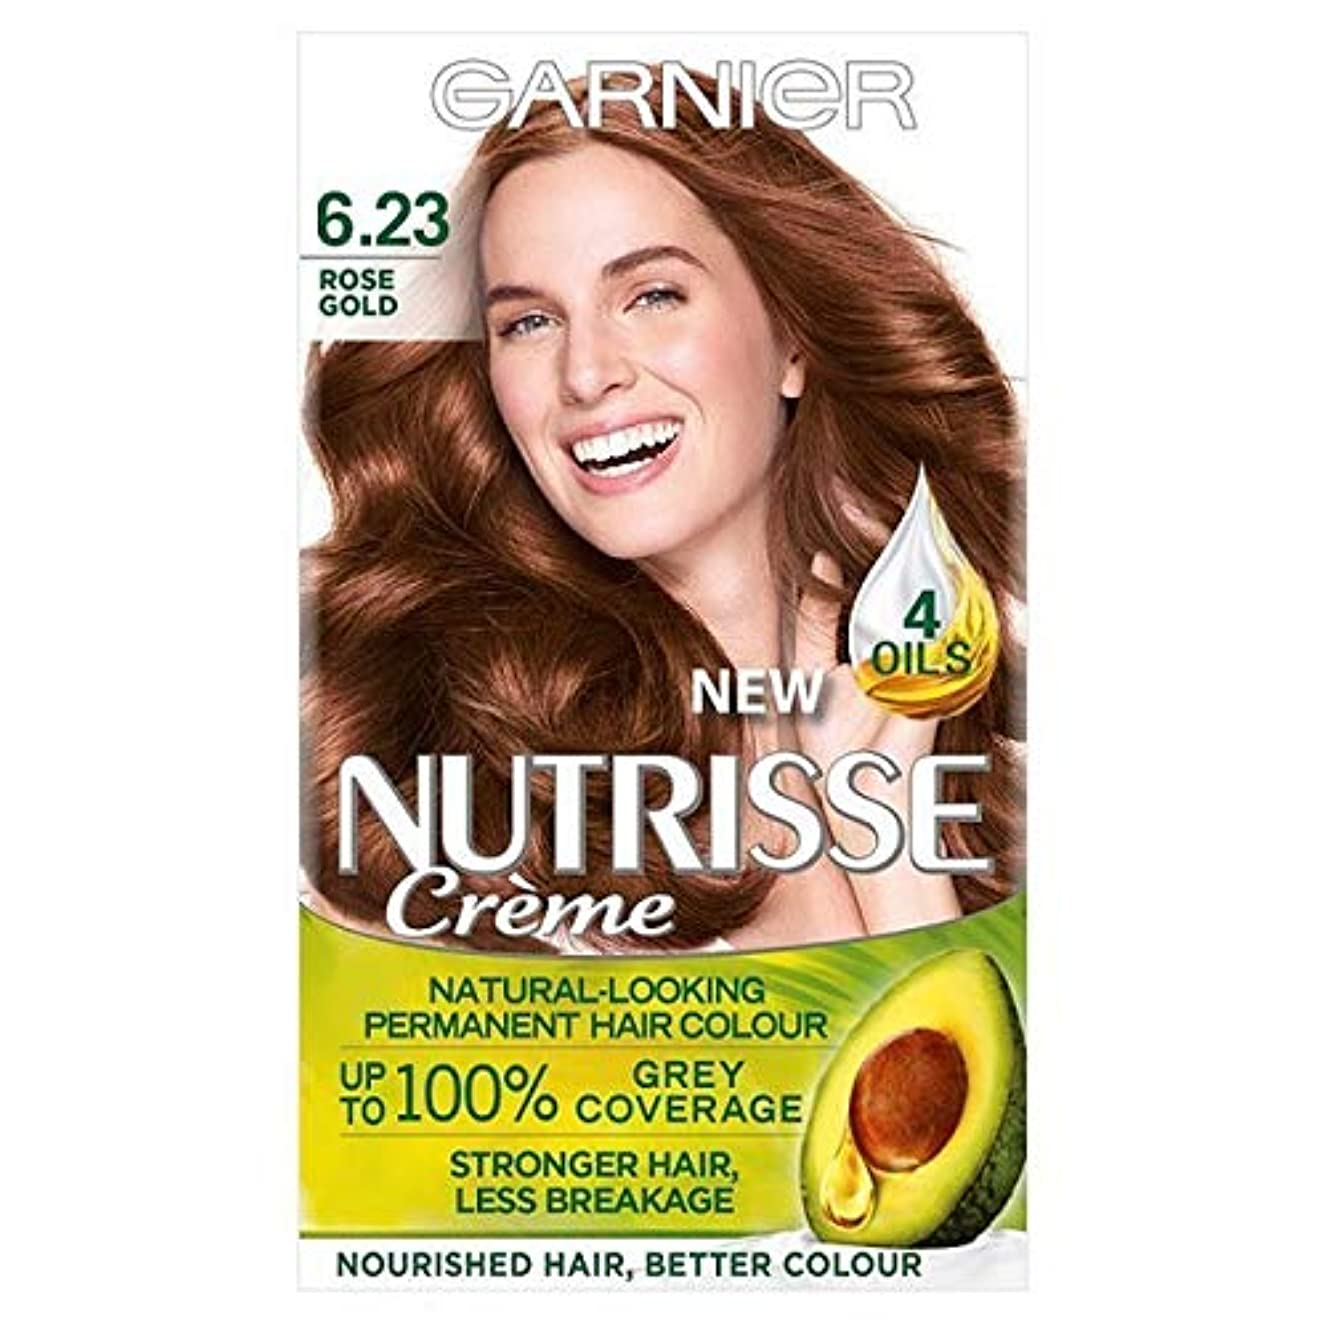 ぺディカブ可動式乞食[Garnier ] ガルニエNutrisse永久染毛剤は金茶色の6.23をバラ - Garnier Nutrisse Permanent Hair Dye Rose Gold Brown 6.23 [並行輸入品]